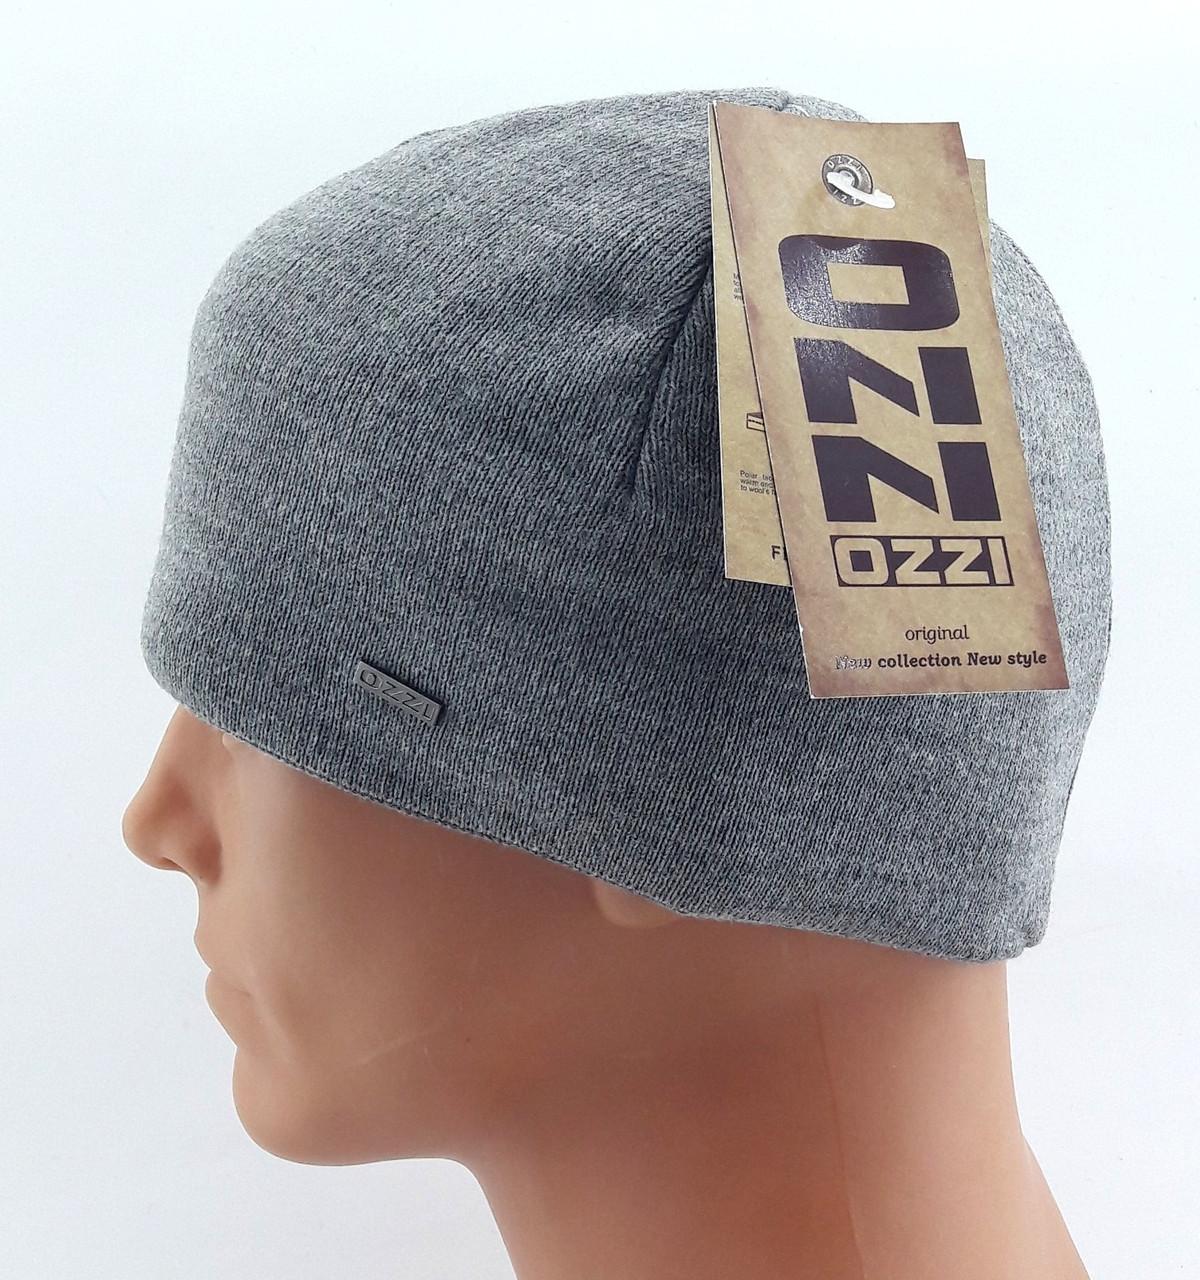 вязаная шапка мужская польская Ozzi размер универсальный шб119